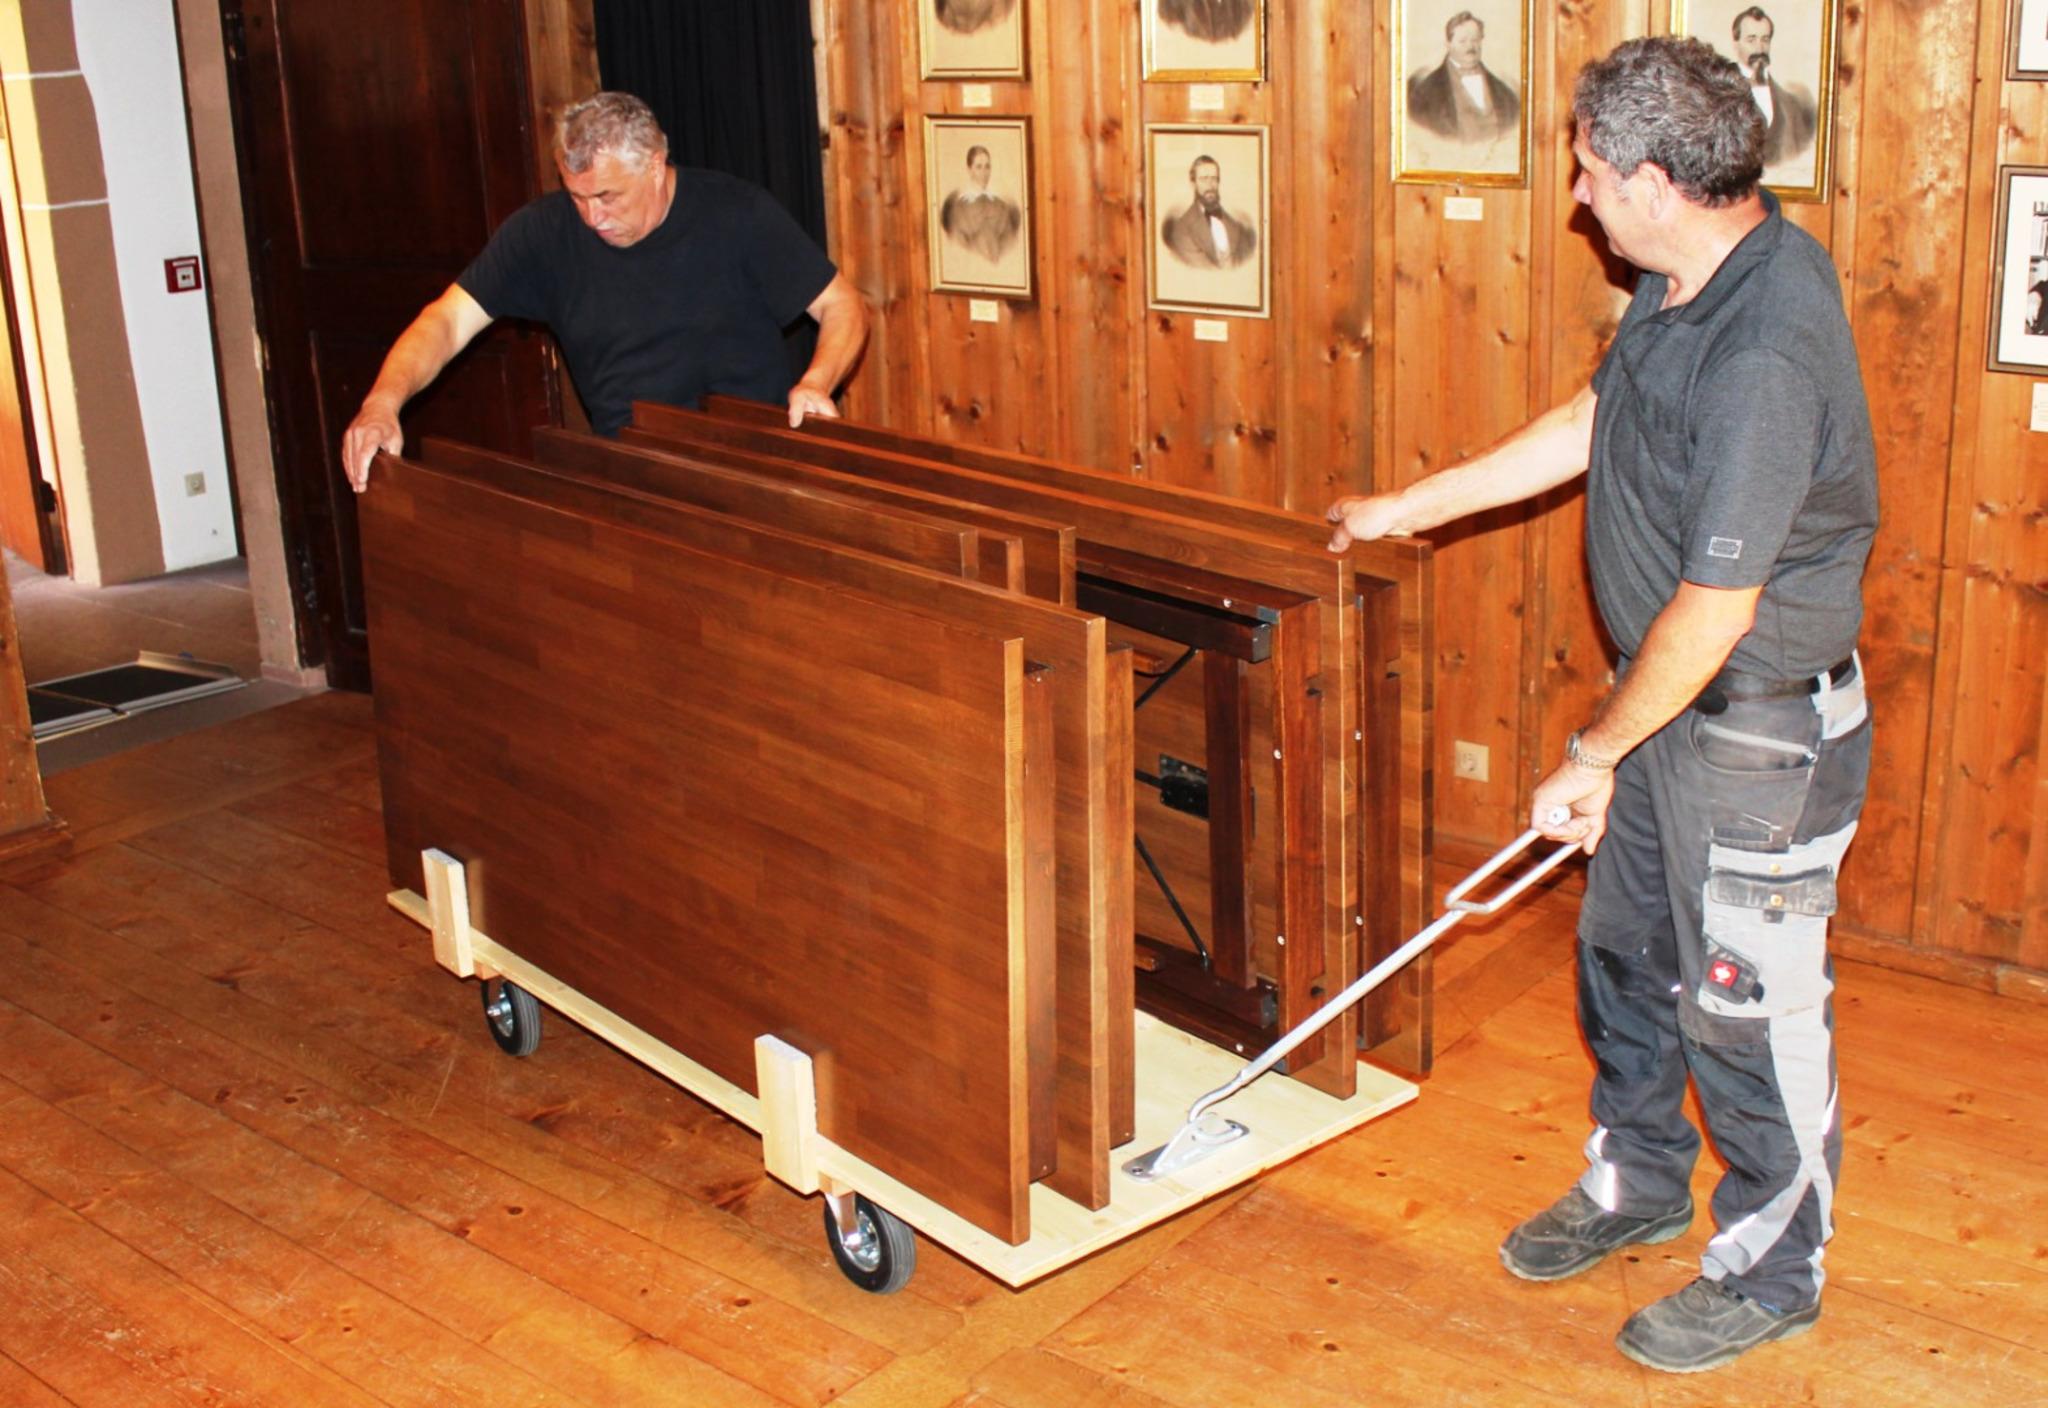 neue alte tische im kapuzinerkloster eigenentwicklung des haslacher bauhofs bildet ersatz haslach. Black Bedroom Furniture Sets. Home Design Ideas